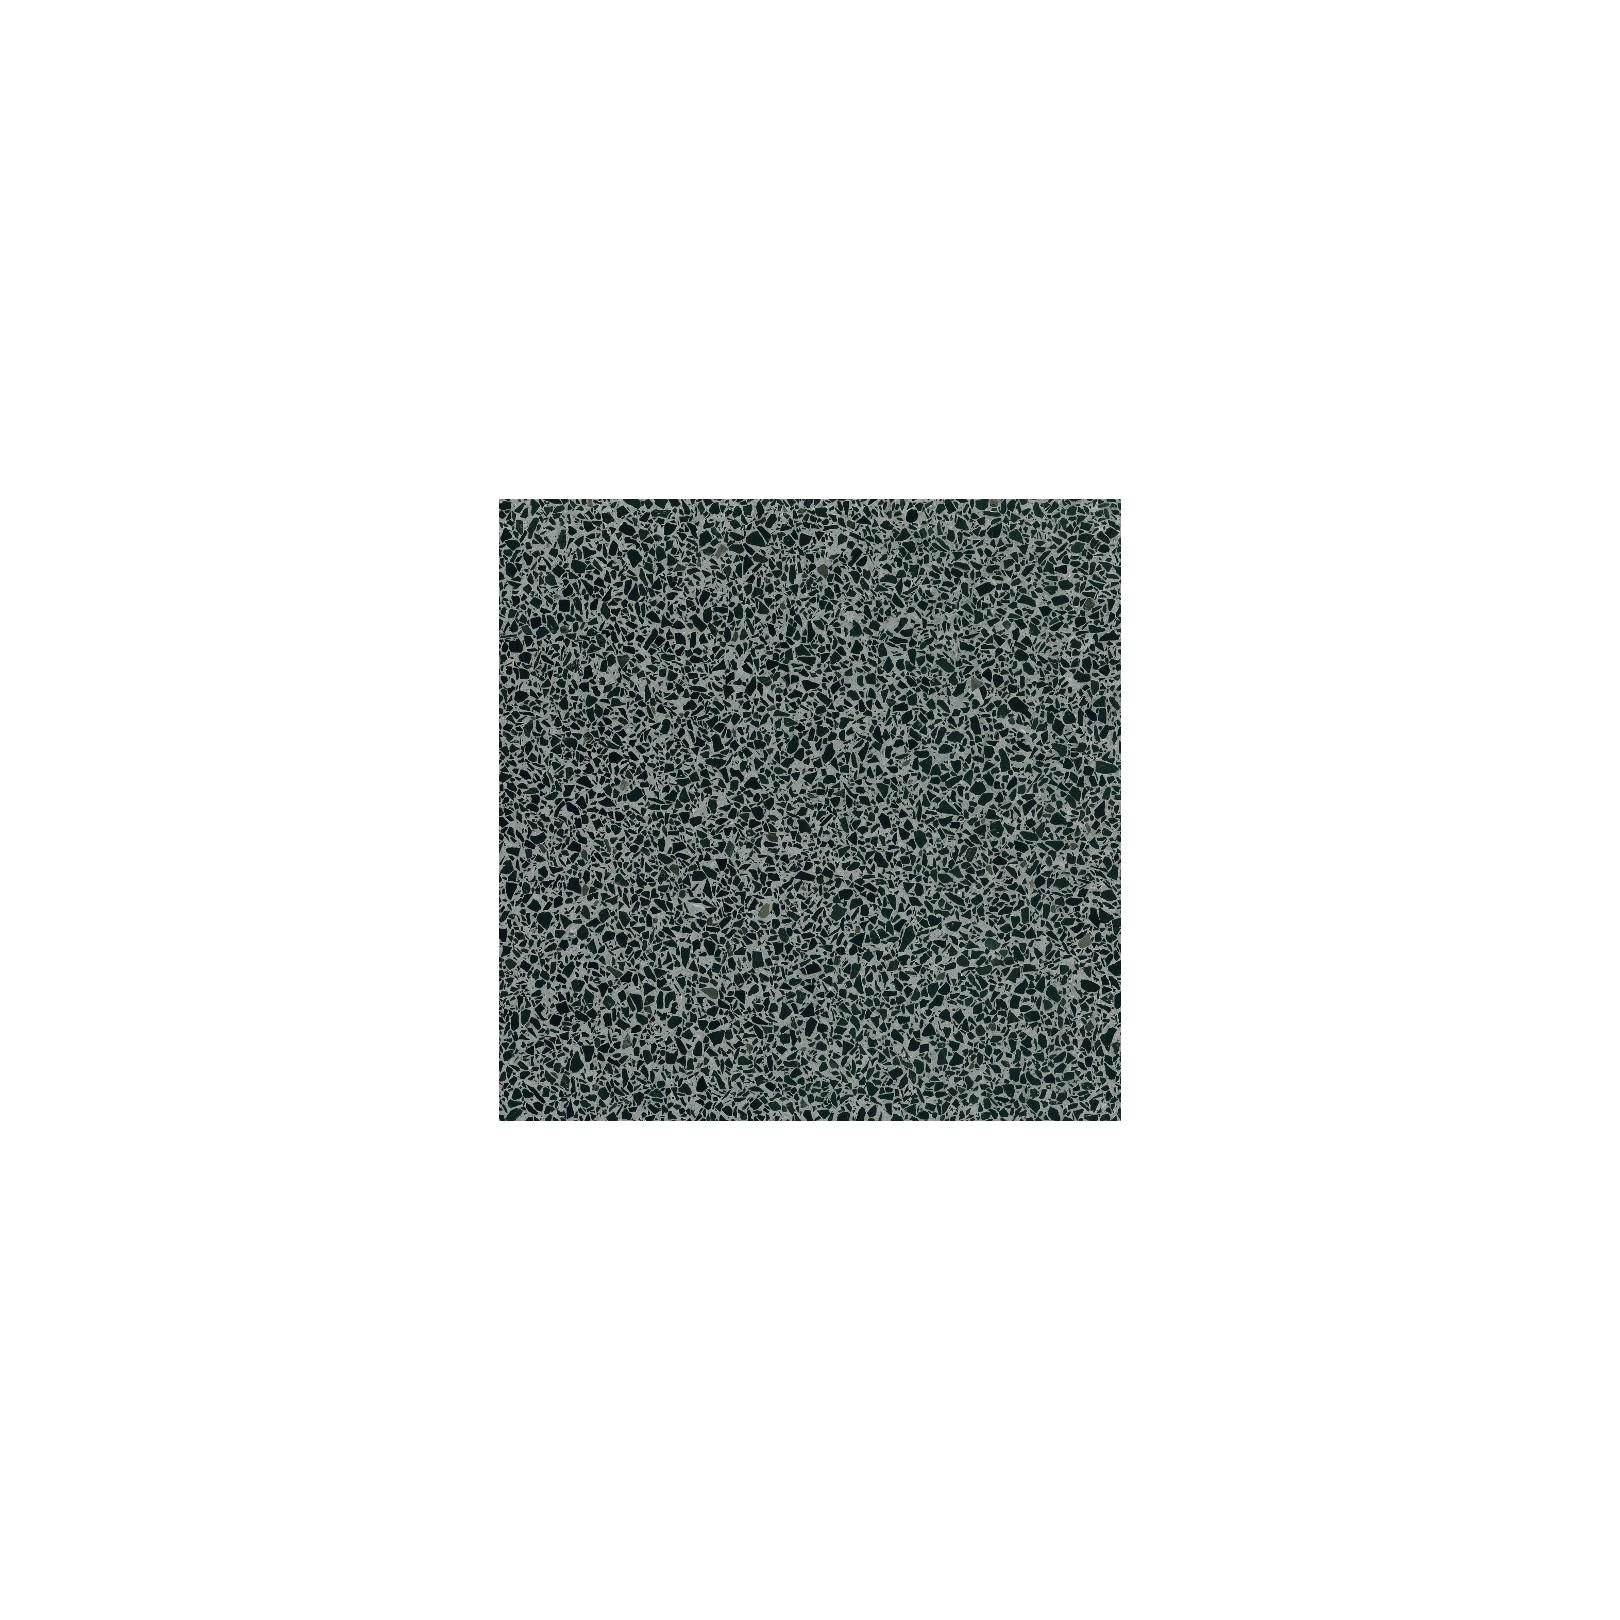 Carreau Terrazzo fond gris inclusions noir foncé Basel (6 formats)